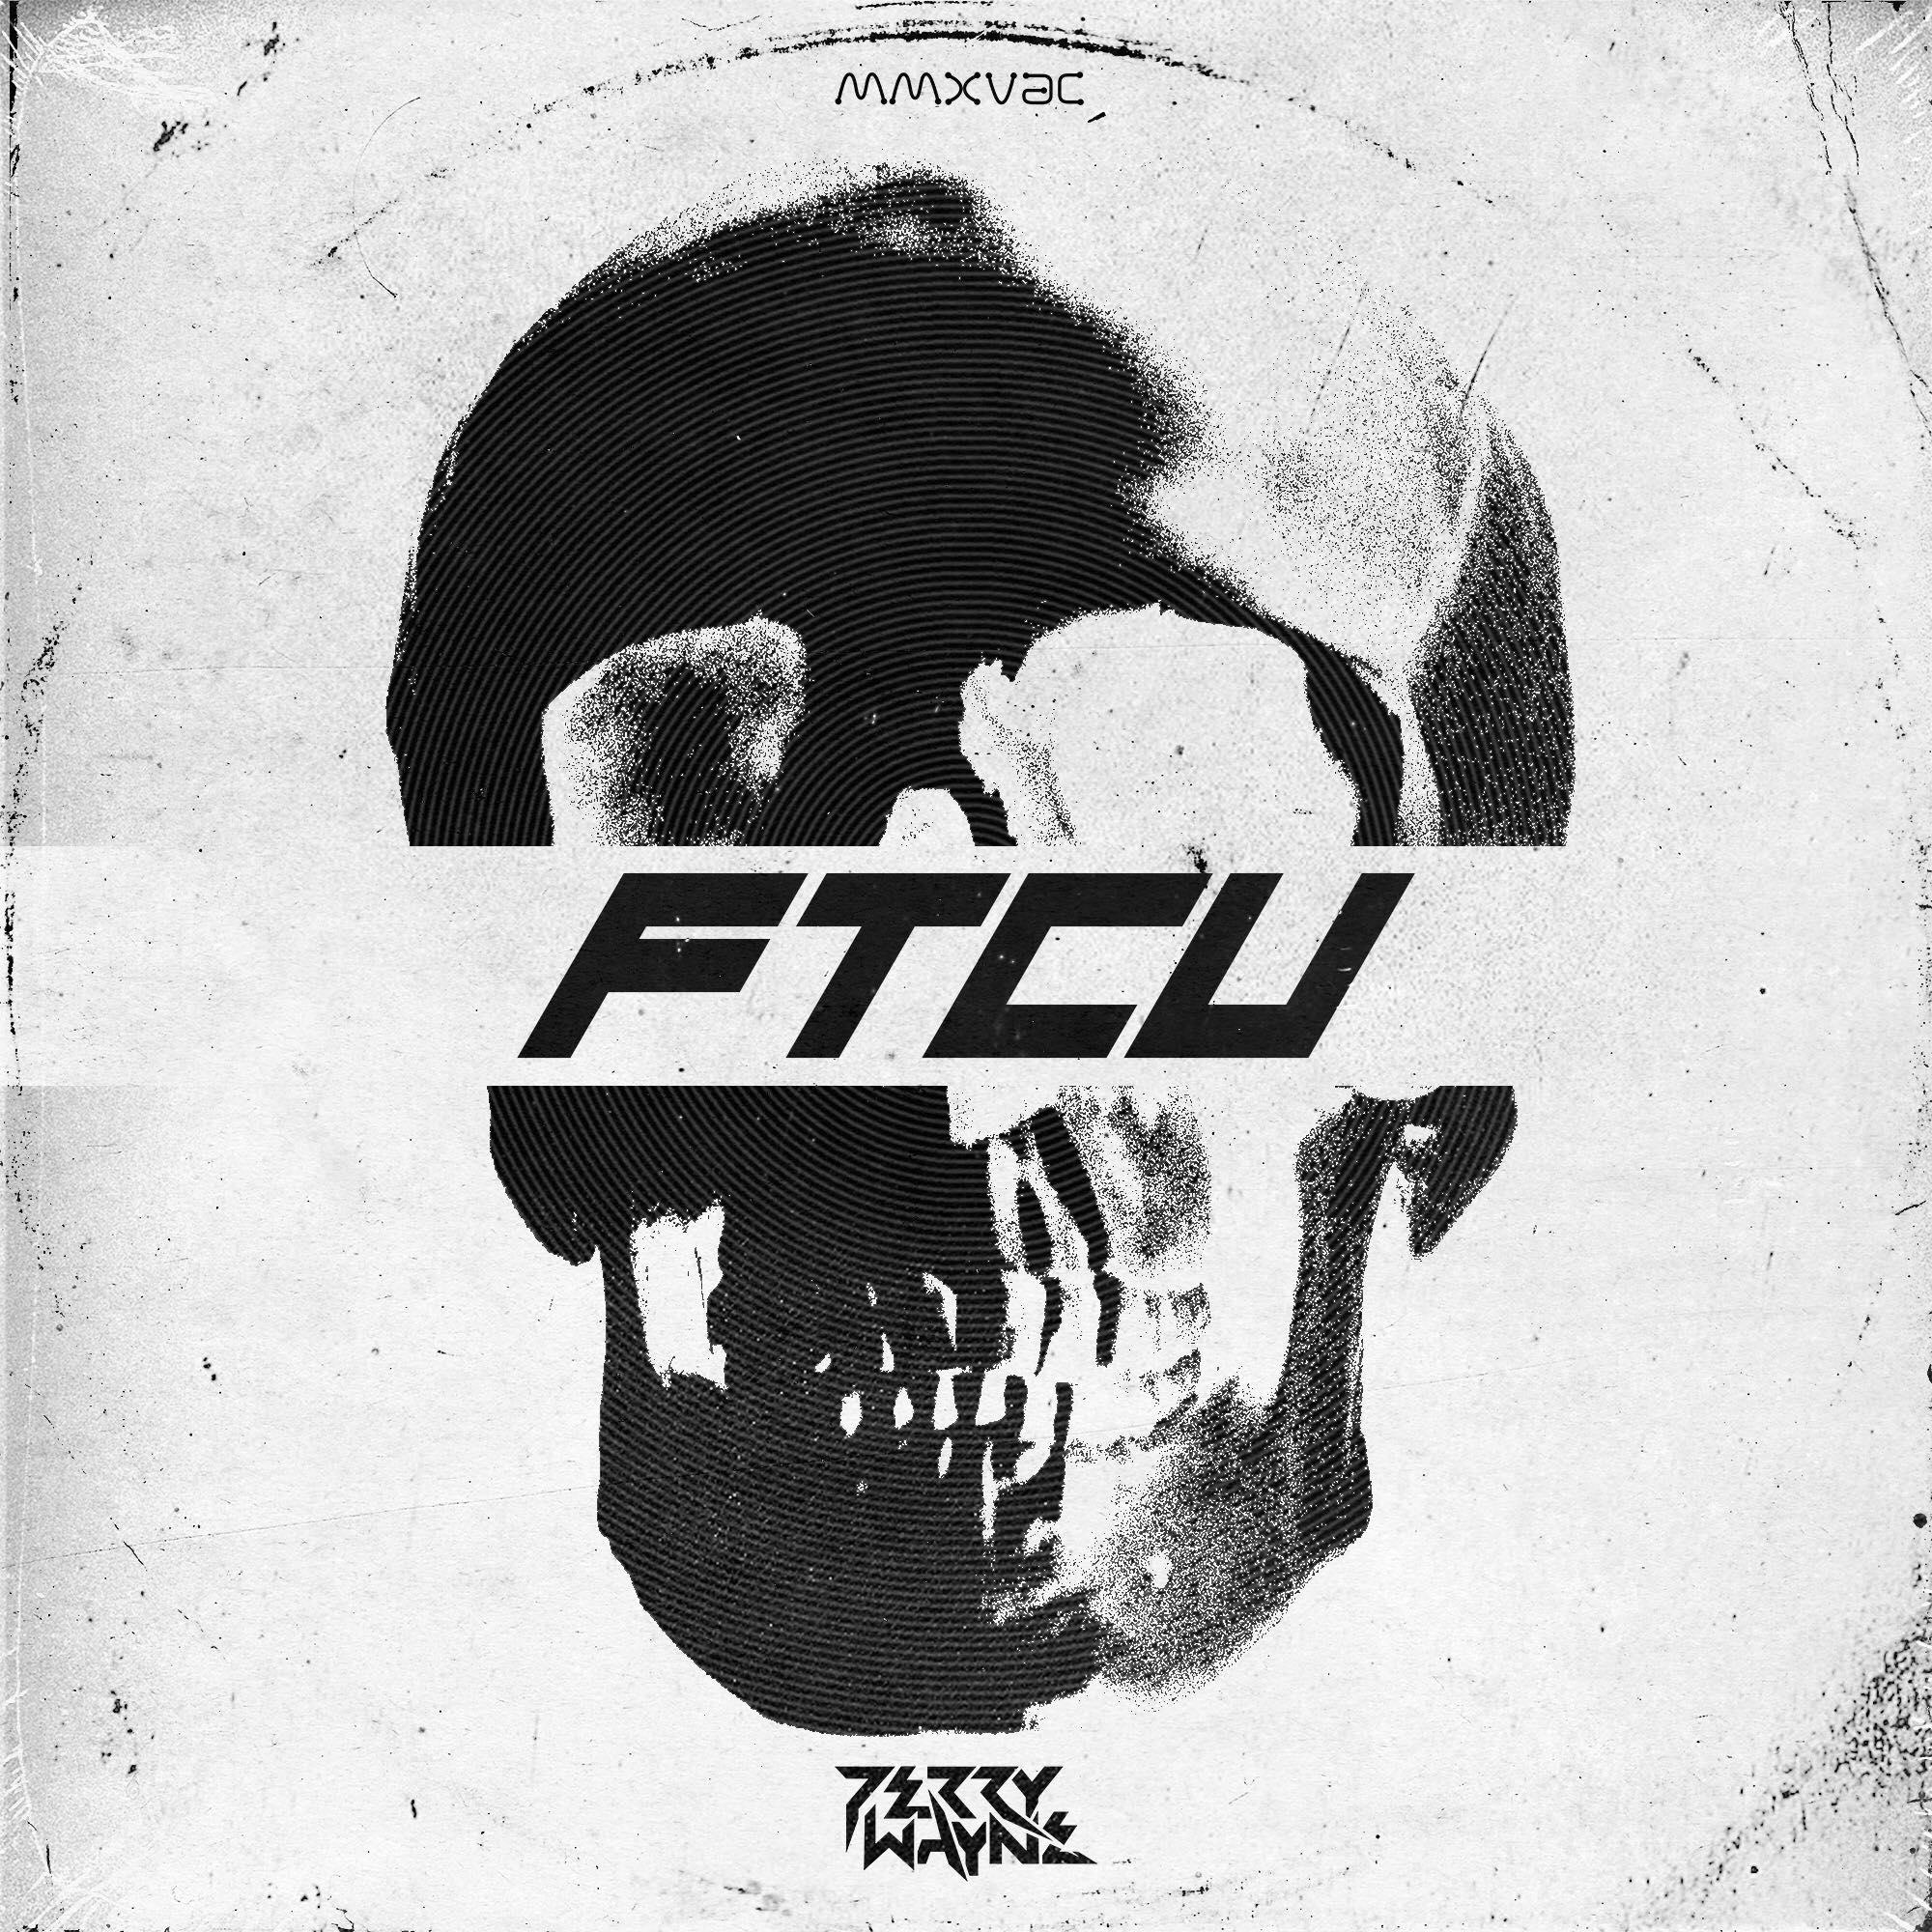 Perry Wayne - FTCU